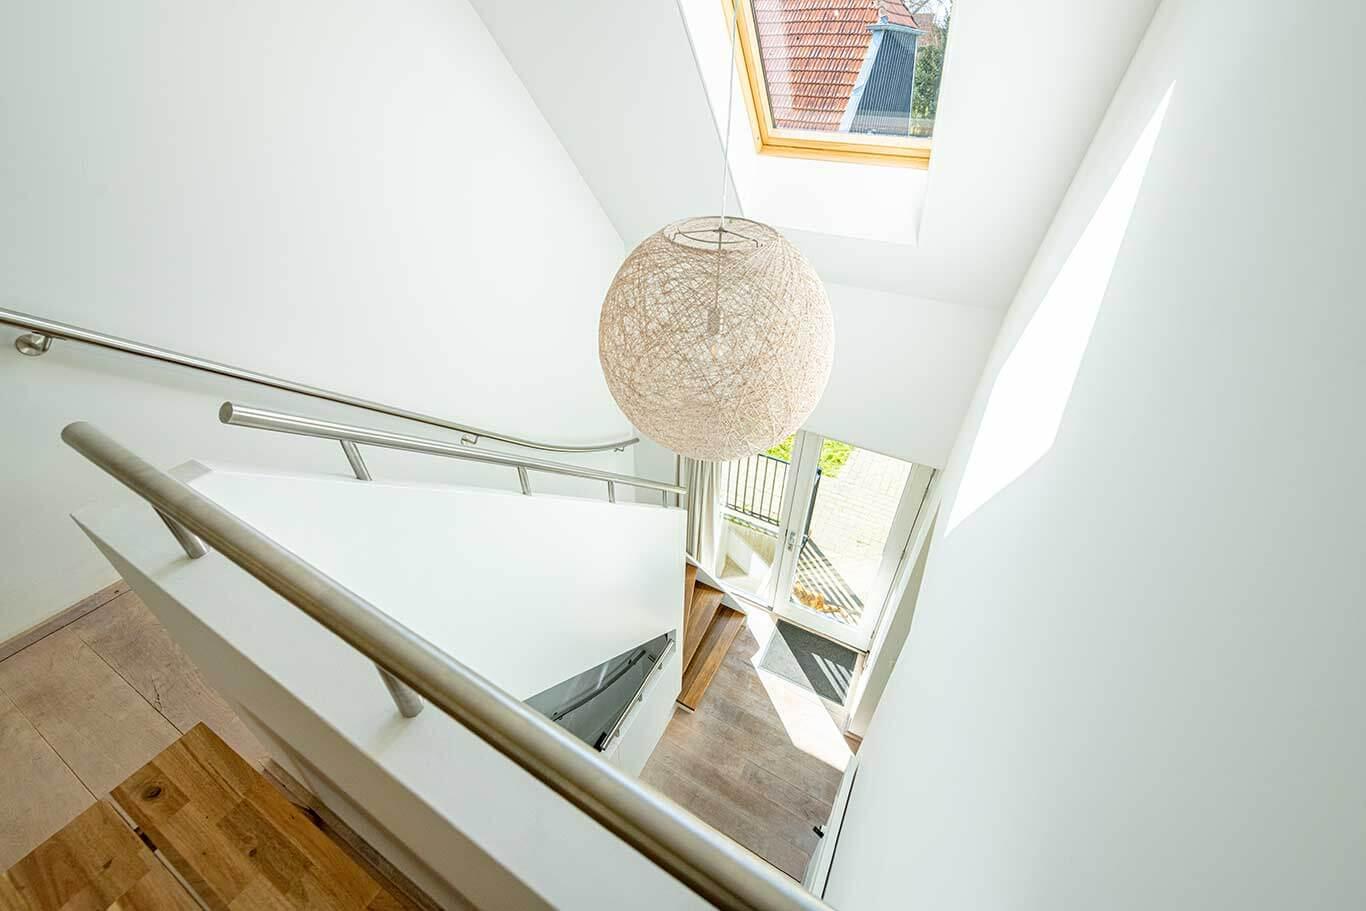 hesselmann-oldeberkoop-woonhuis-interieur-3.jpg